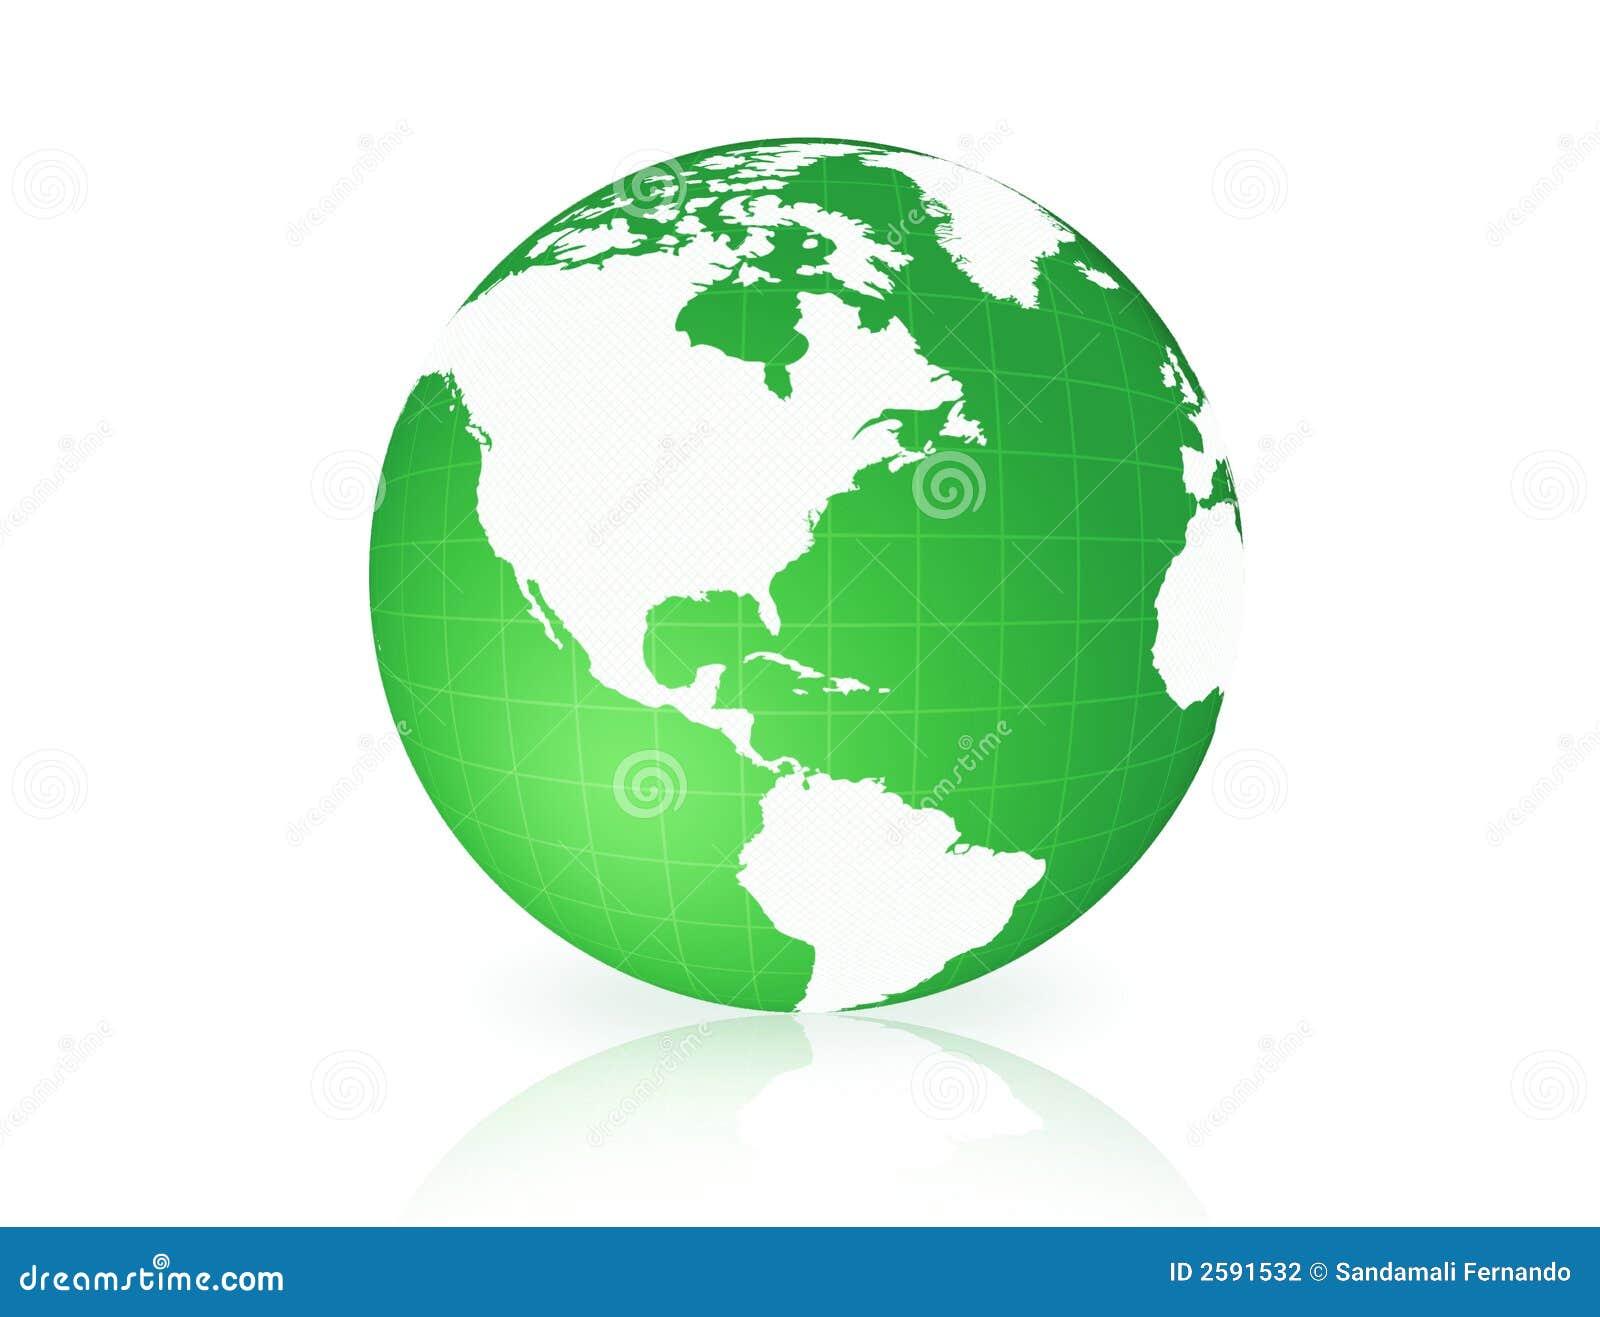 Bol van de aarde isoleerde groen